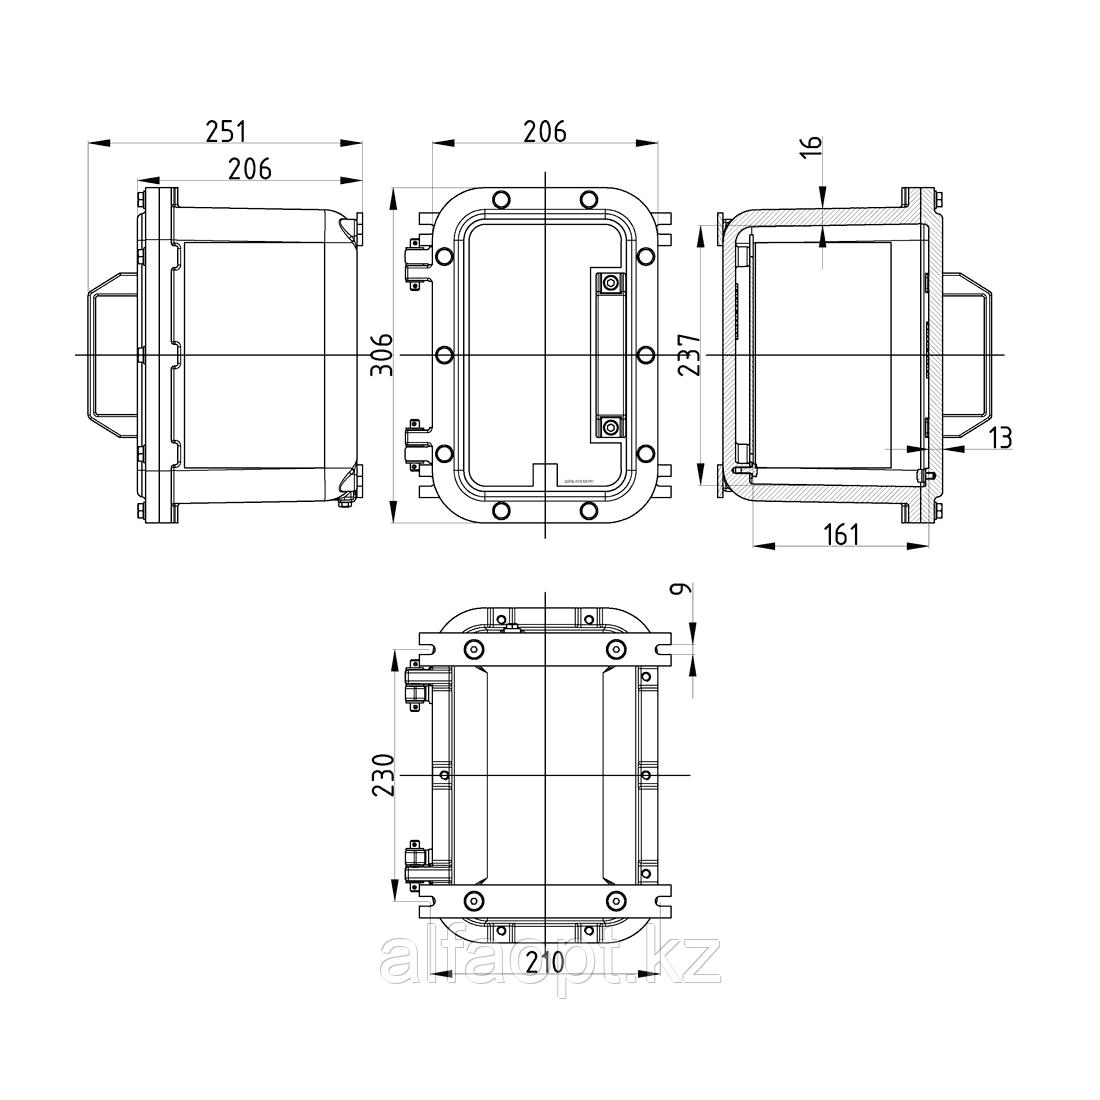 Взрывозащищенная коробка ЩОРВ-Н312120 (взрывонепроницаемая оболочка) из нержавеющей стали